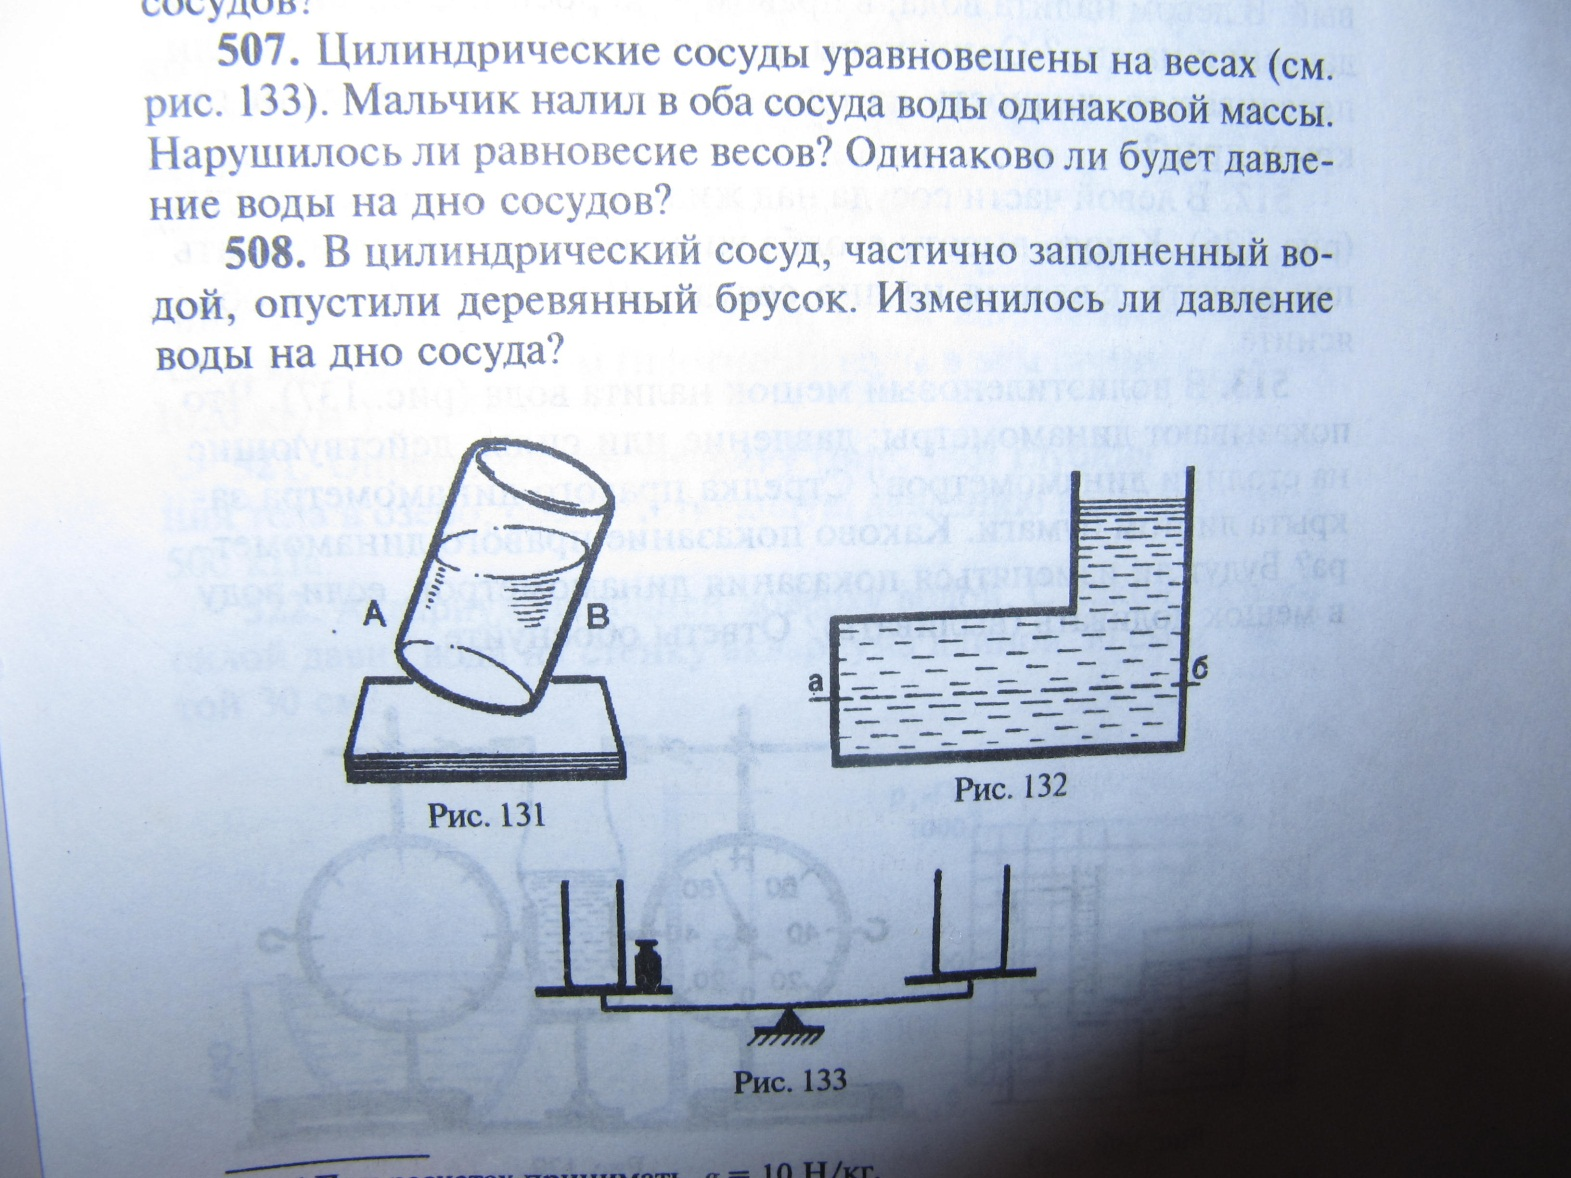 F:\Аттестация,2013г\УРОК,Давление жидкости, Аттестация-2013\IMG_6924.JPG